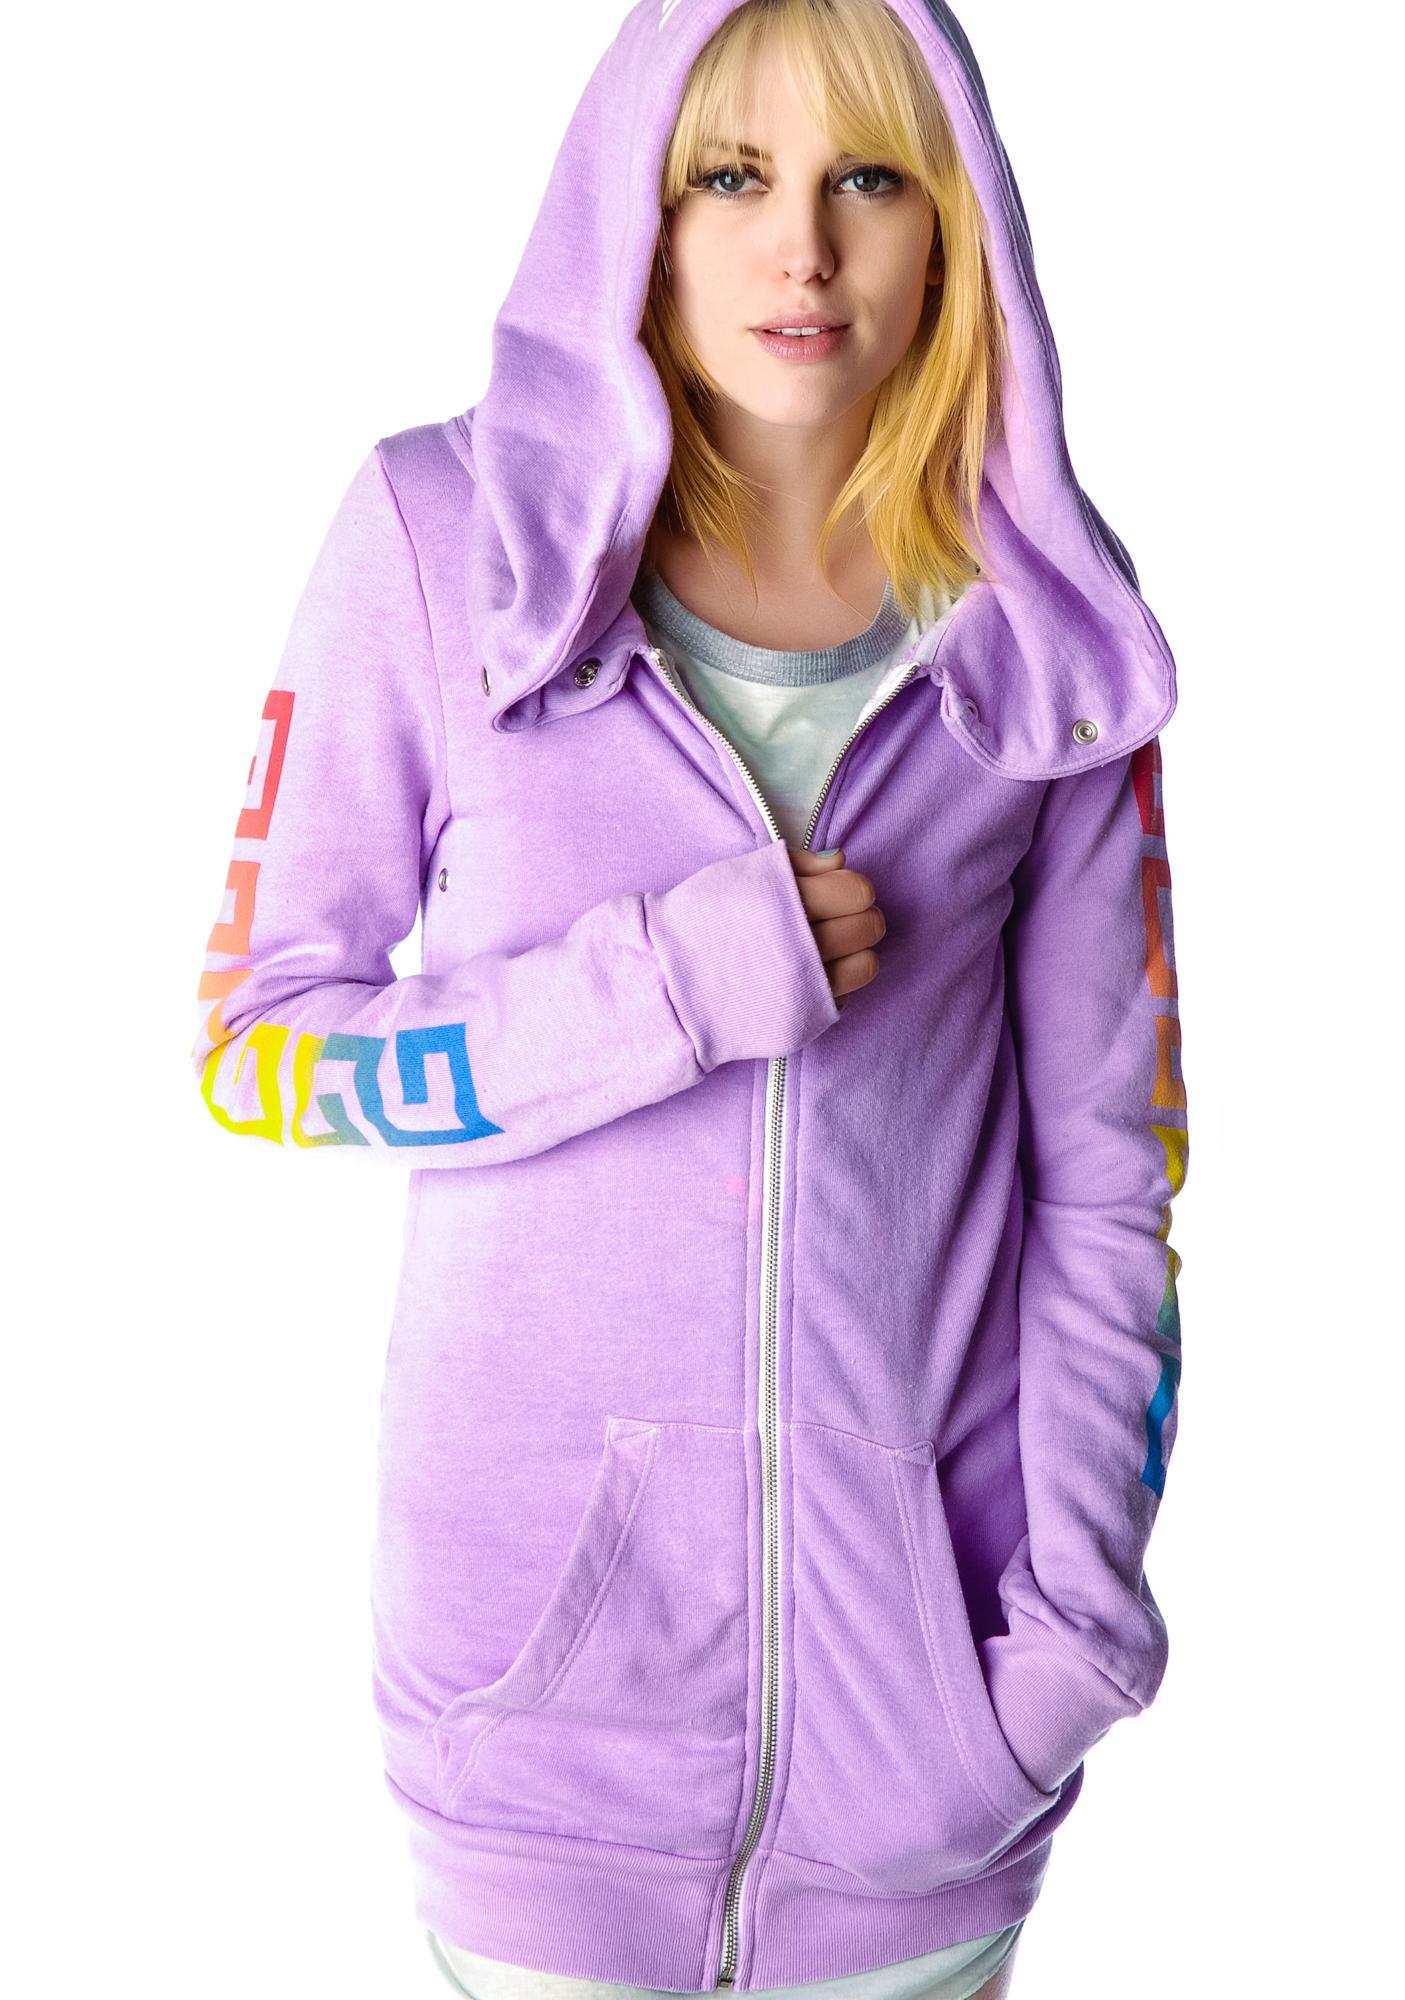 Rebel yell superfluous hoodie